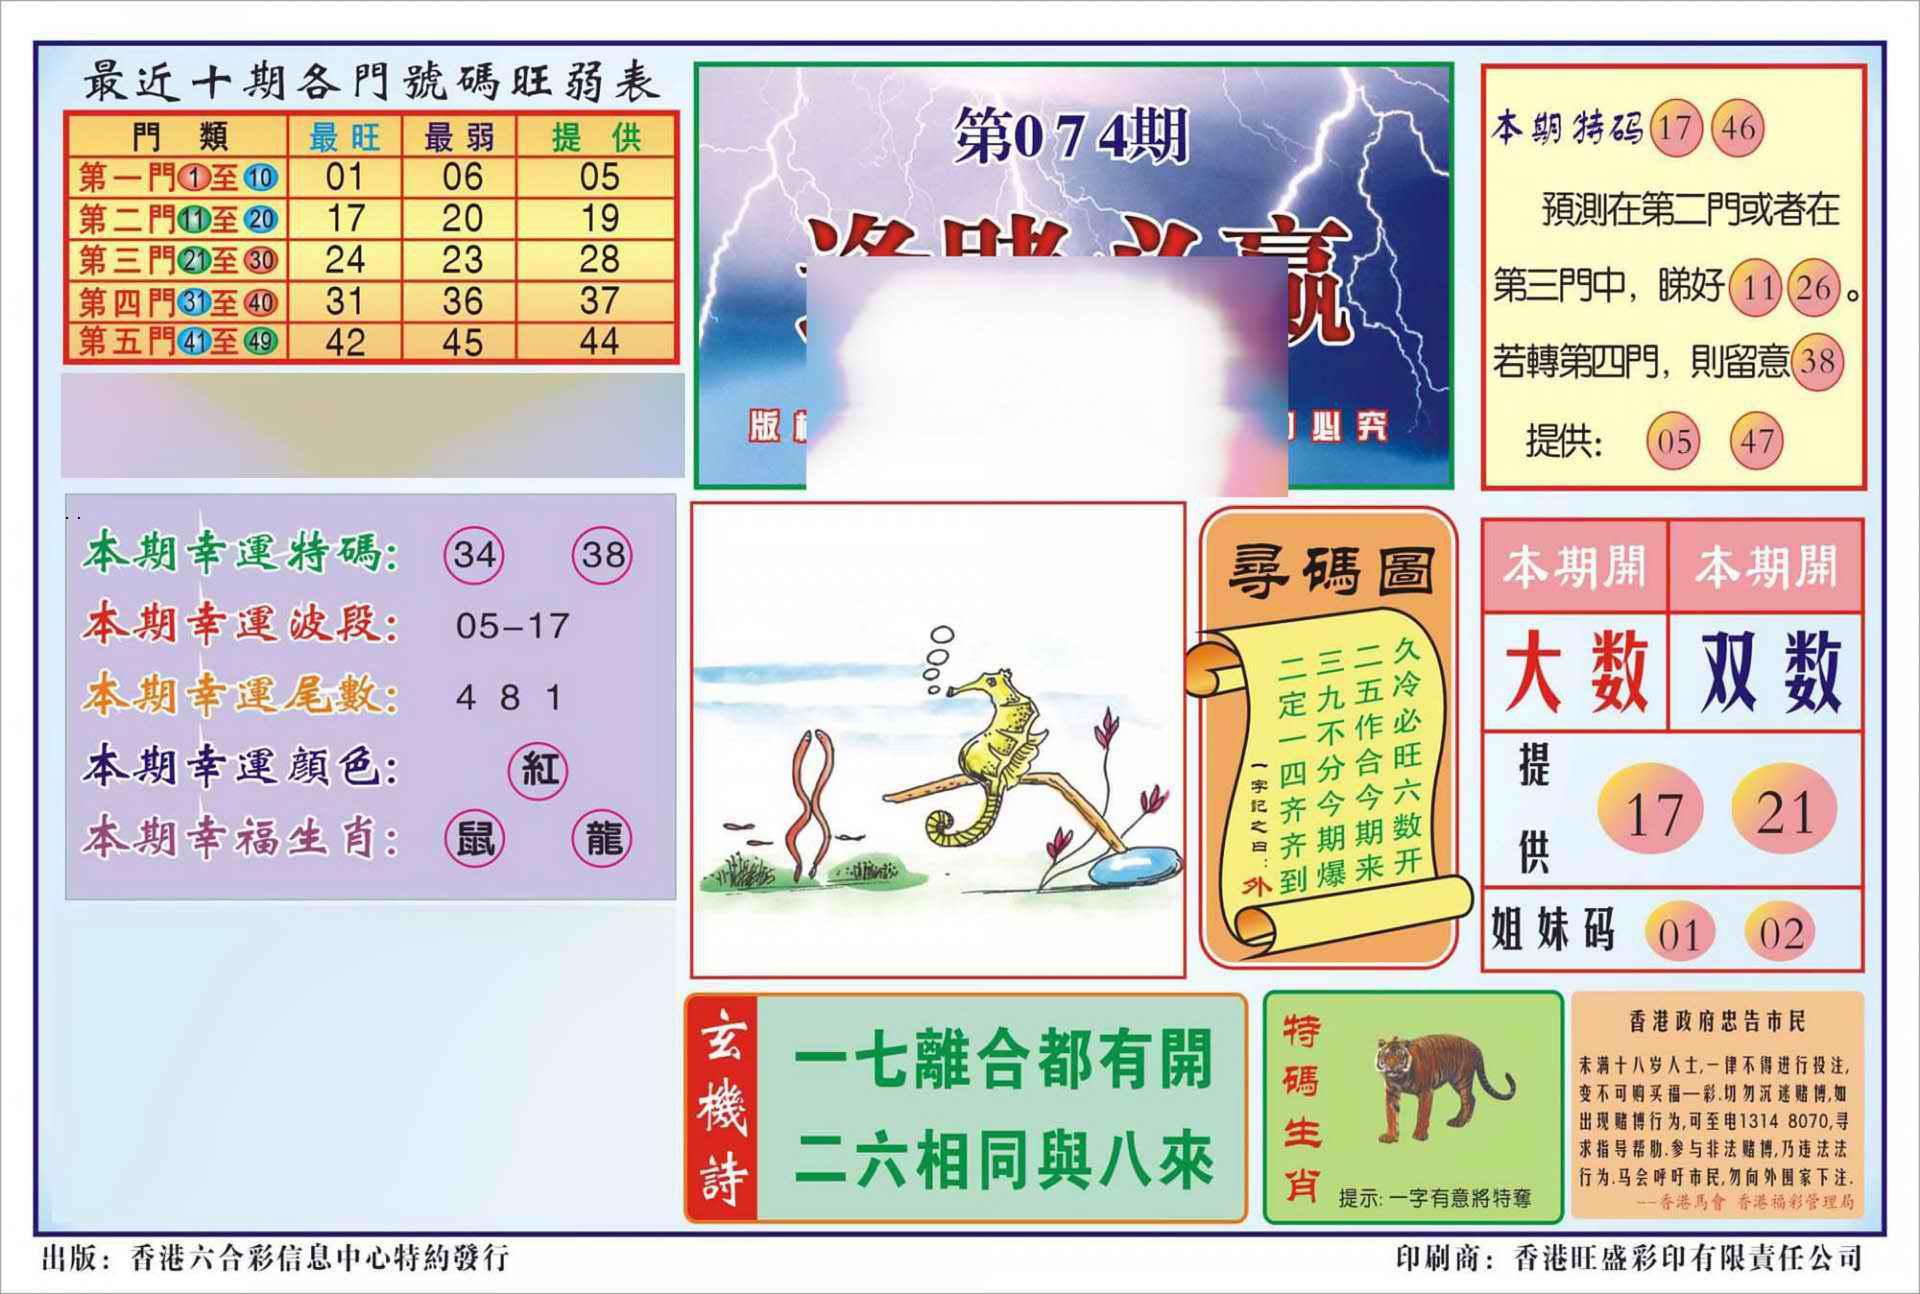 074期香港逢赌必羸(新图)